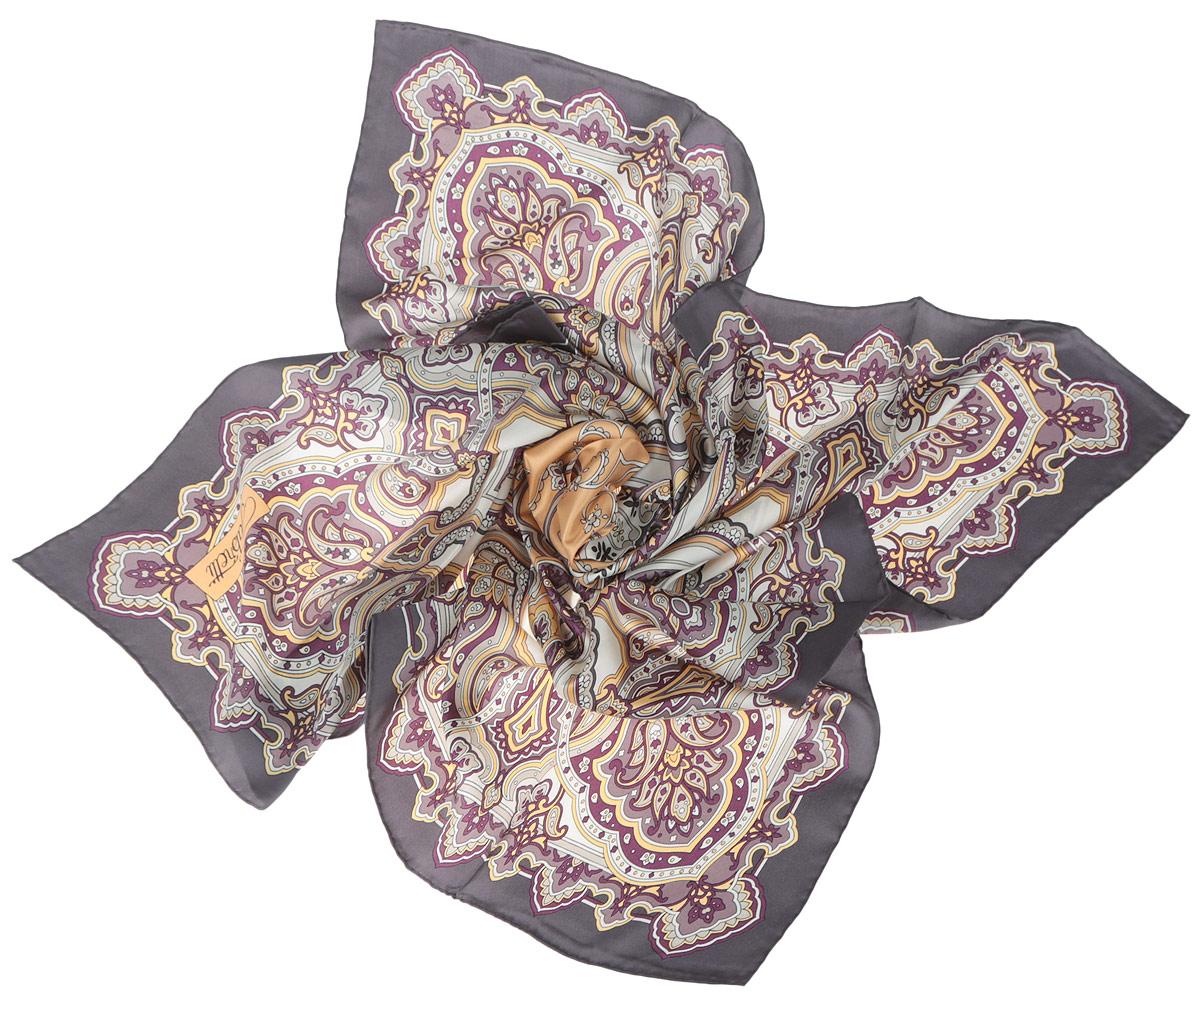 Платок женский Fabretti, цвет: тауп, сливовый, желтый. CX1516-46-1. Размер 90 см х 90 смCX1516-46-1Стильный женский платок Fabretti станет великолепным завершением любого наряда. Платок изготовлен из высококачественного 100% шелка и оформлен оригинальным принтом с цветочным орнаментом в восточном стиле.Классическая квадратная форма позволяет носить платок на шее, украшать им прическу или декорировать сумочку. Мягкий и шелковистый платок поможет вам создать изысканный женственный образ, а также согреет в непогоду. Такой платок превосходно дополнит любой наряд и подчеркнет ваш неповторимый вкус и элегантность.